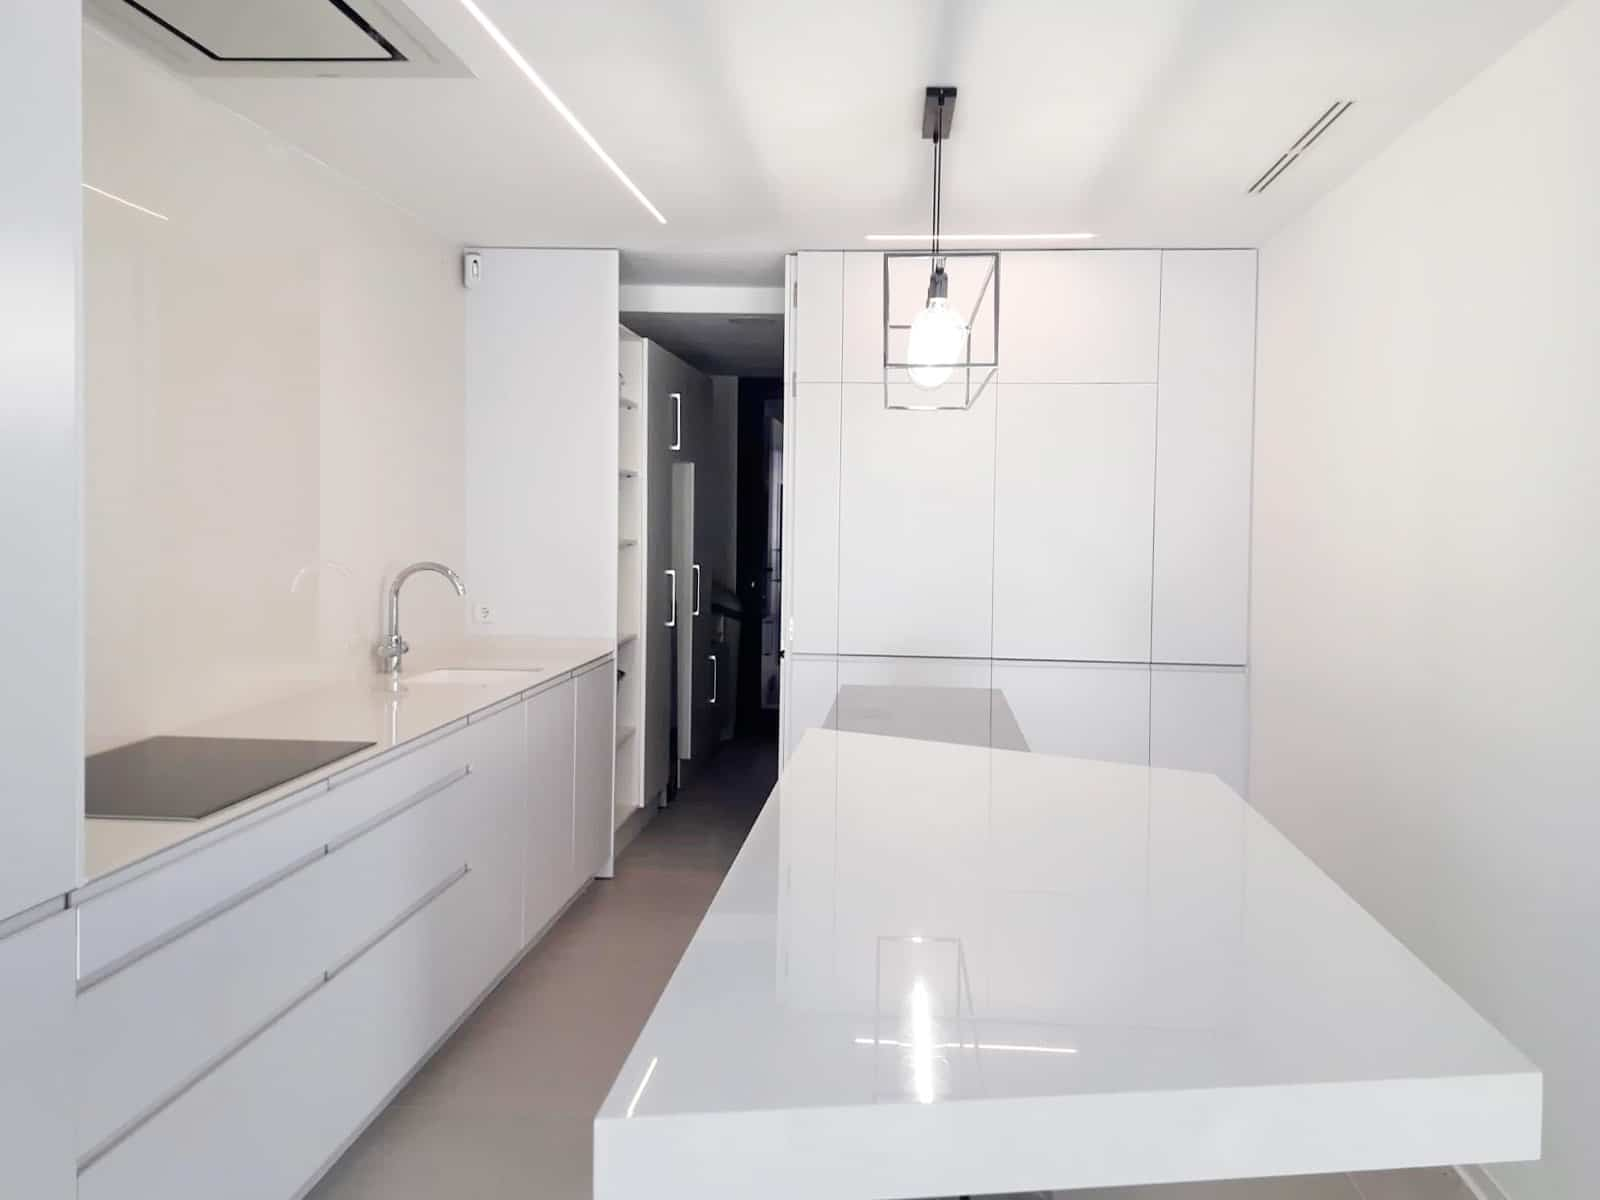 Vista de cocina con frente de muebles columna que dan acceso a zona de lavandería